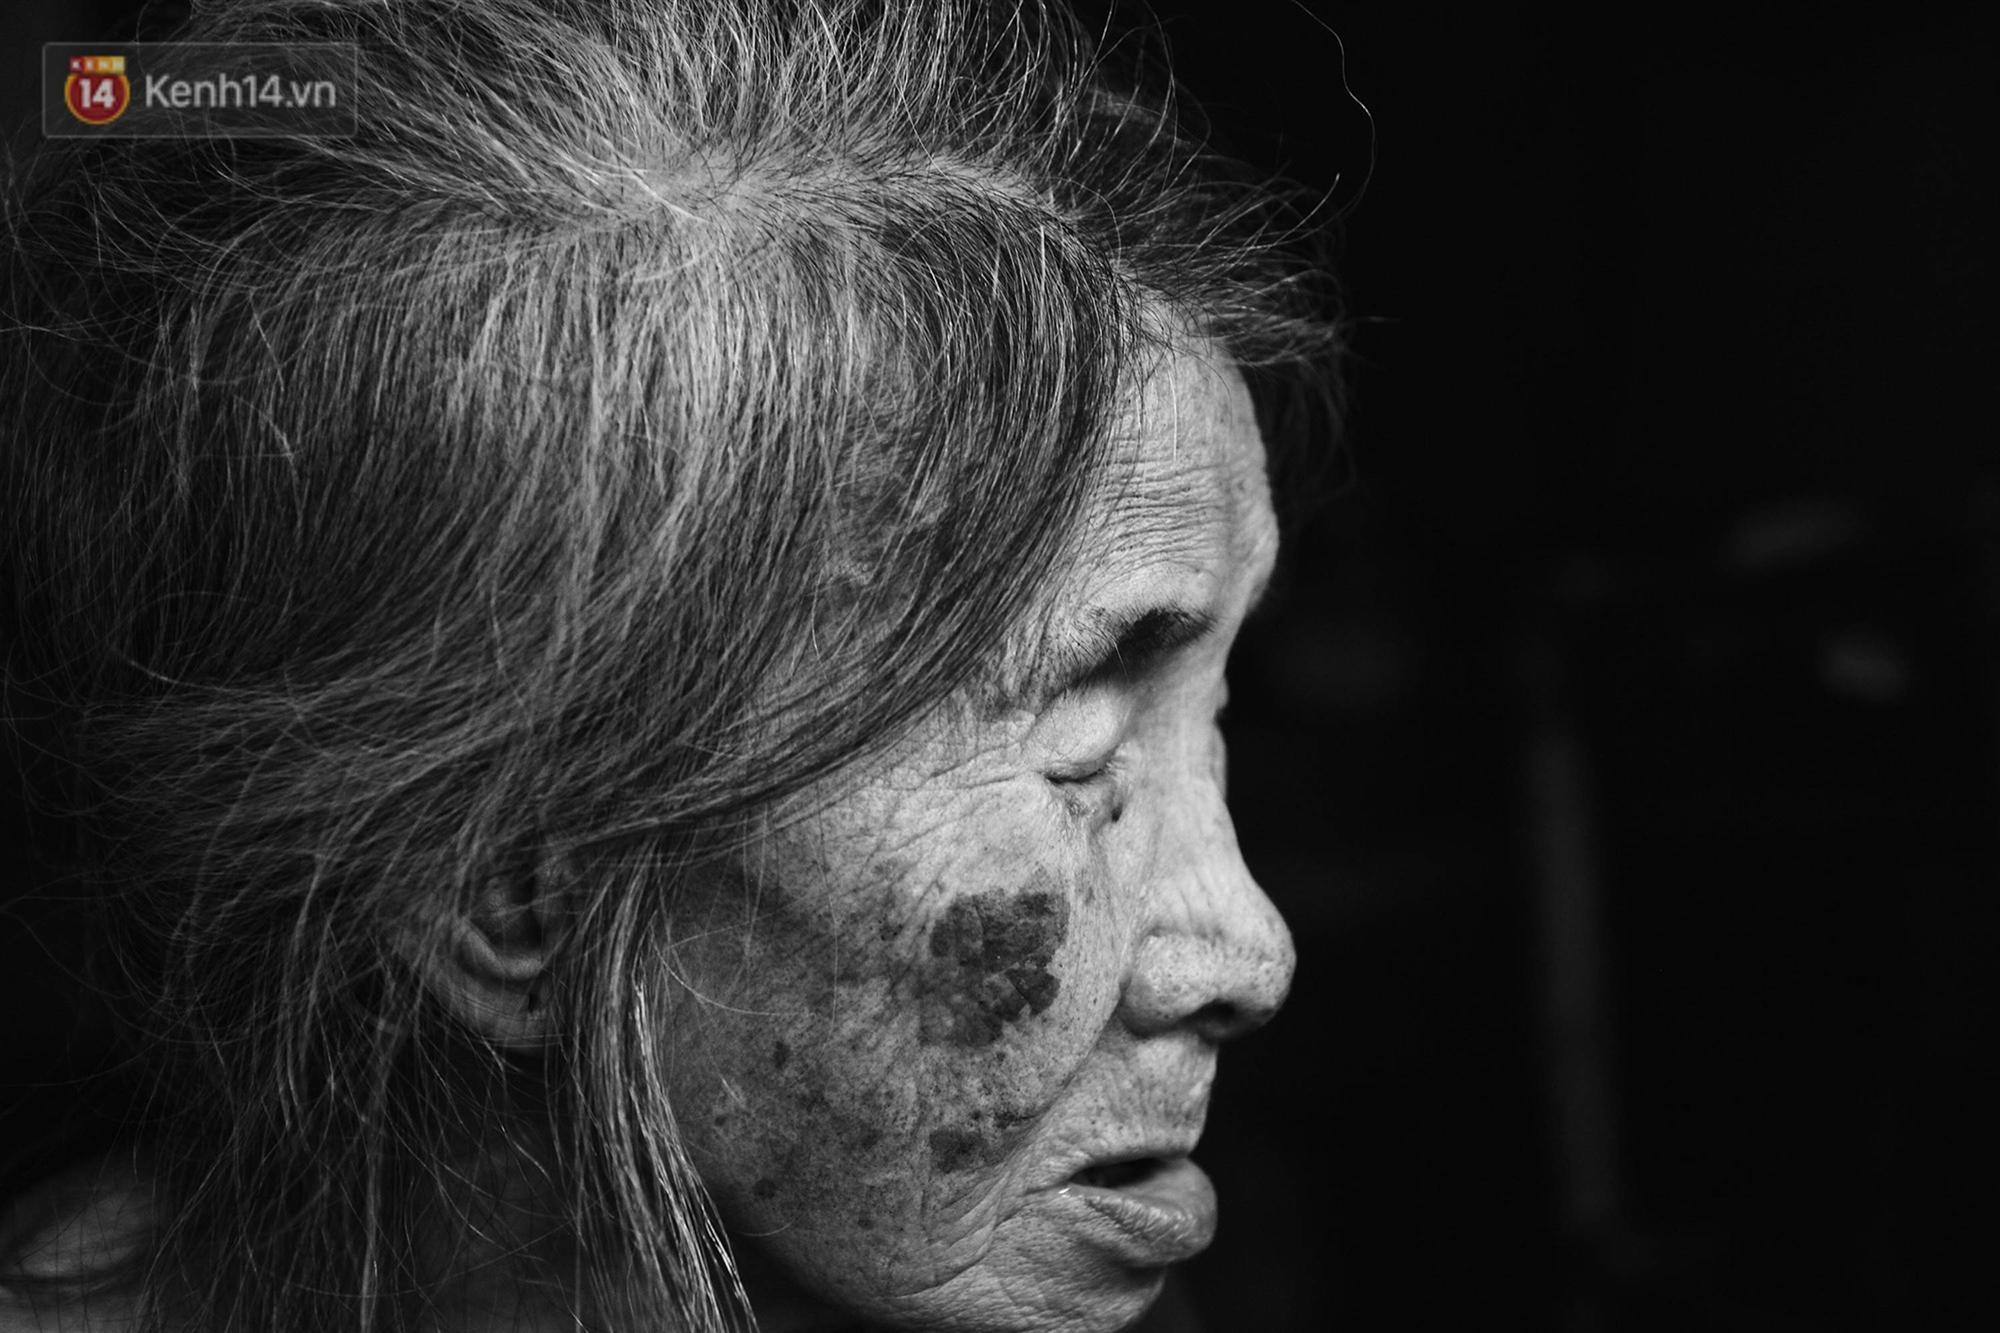 Ở Hà Nội, có một người mẹ mù gần 90 tuổi vẫn ngày đêm chăm đứa con gái điên: Còn sống được lúc nào, thì tôi còn nuôi nó-6